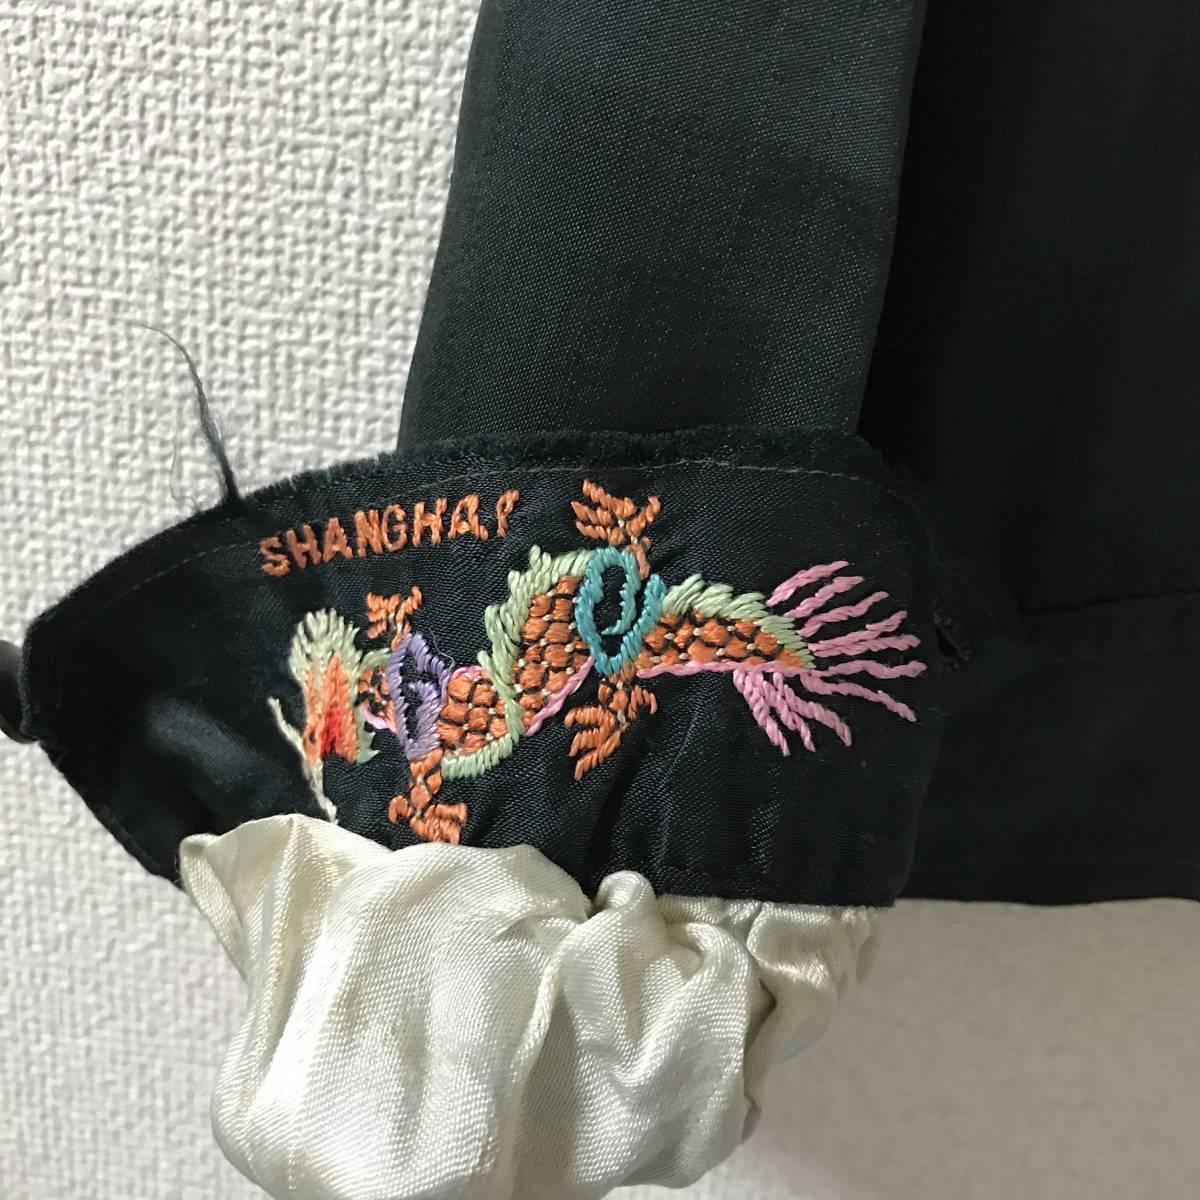 ビンテージ 40s スカジャン スーベニアジャケット チャイナドラゴン ww2 大戦 スカシャツ 東洋 アロハ sun surf army navy 米軍 40年代_画像7